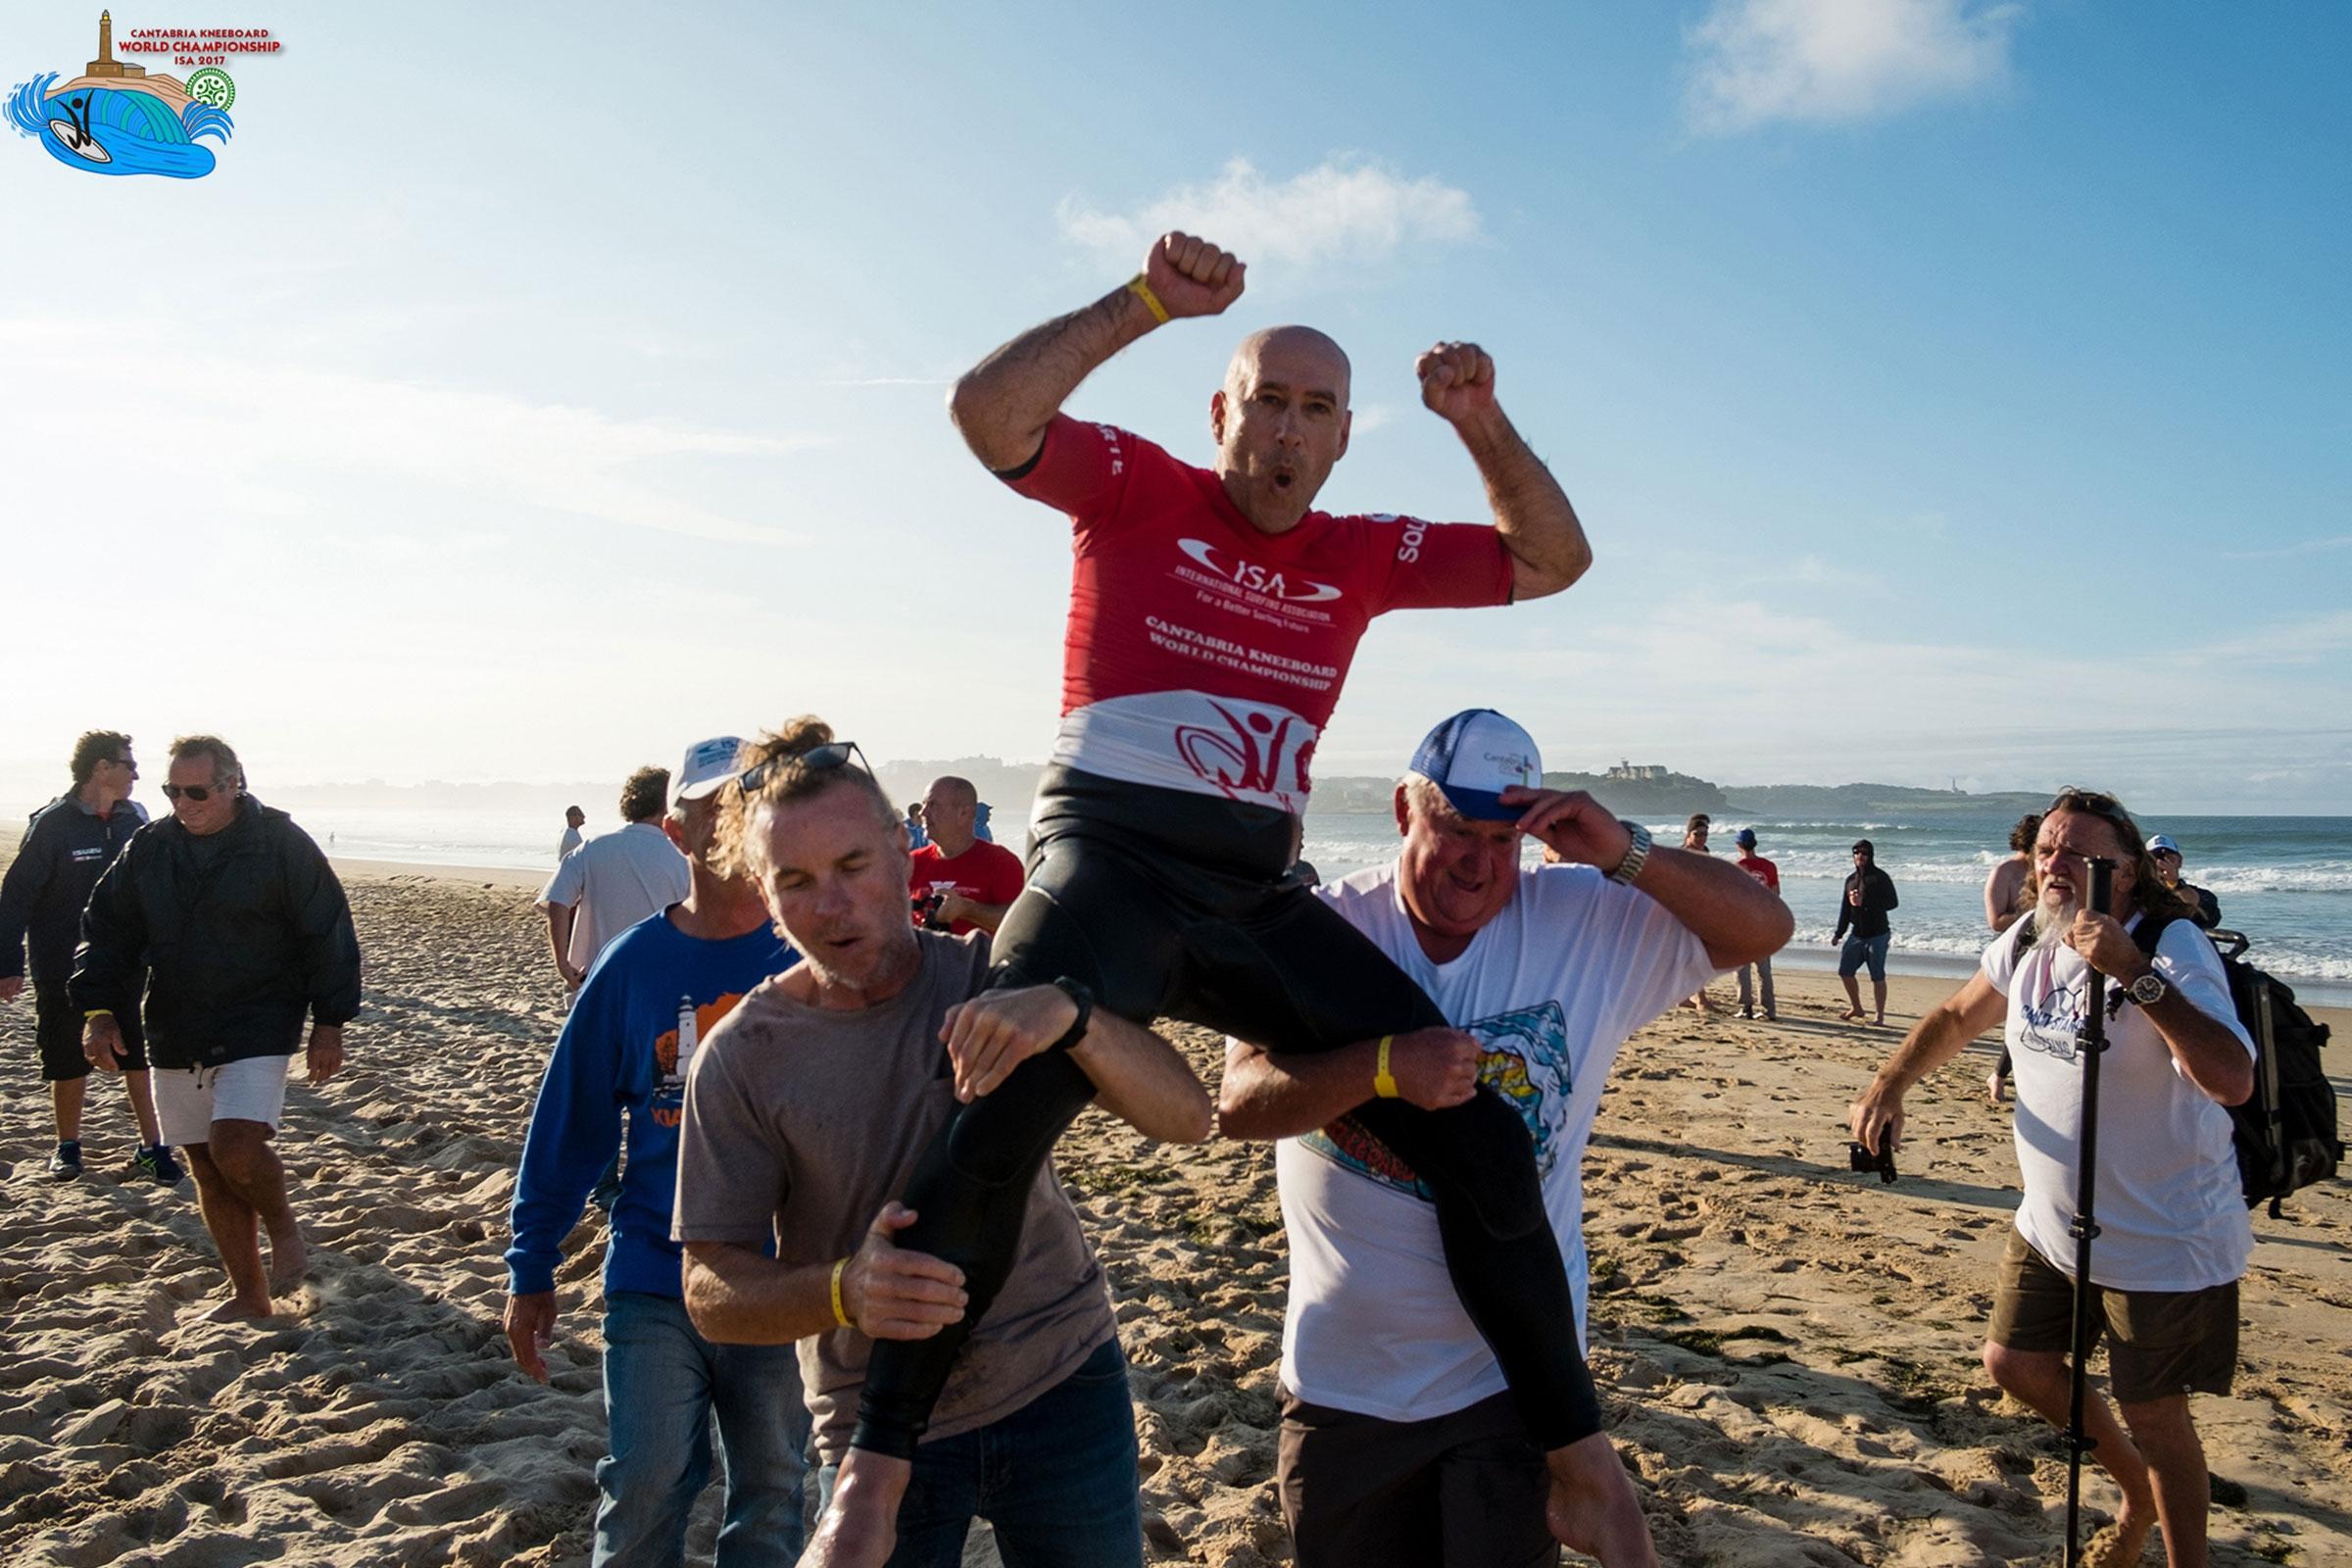 Michael Novakov Y Poppke Karelle campeones del mundo de KNEEBOARD OPEN en Cantabria